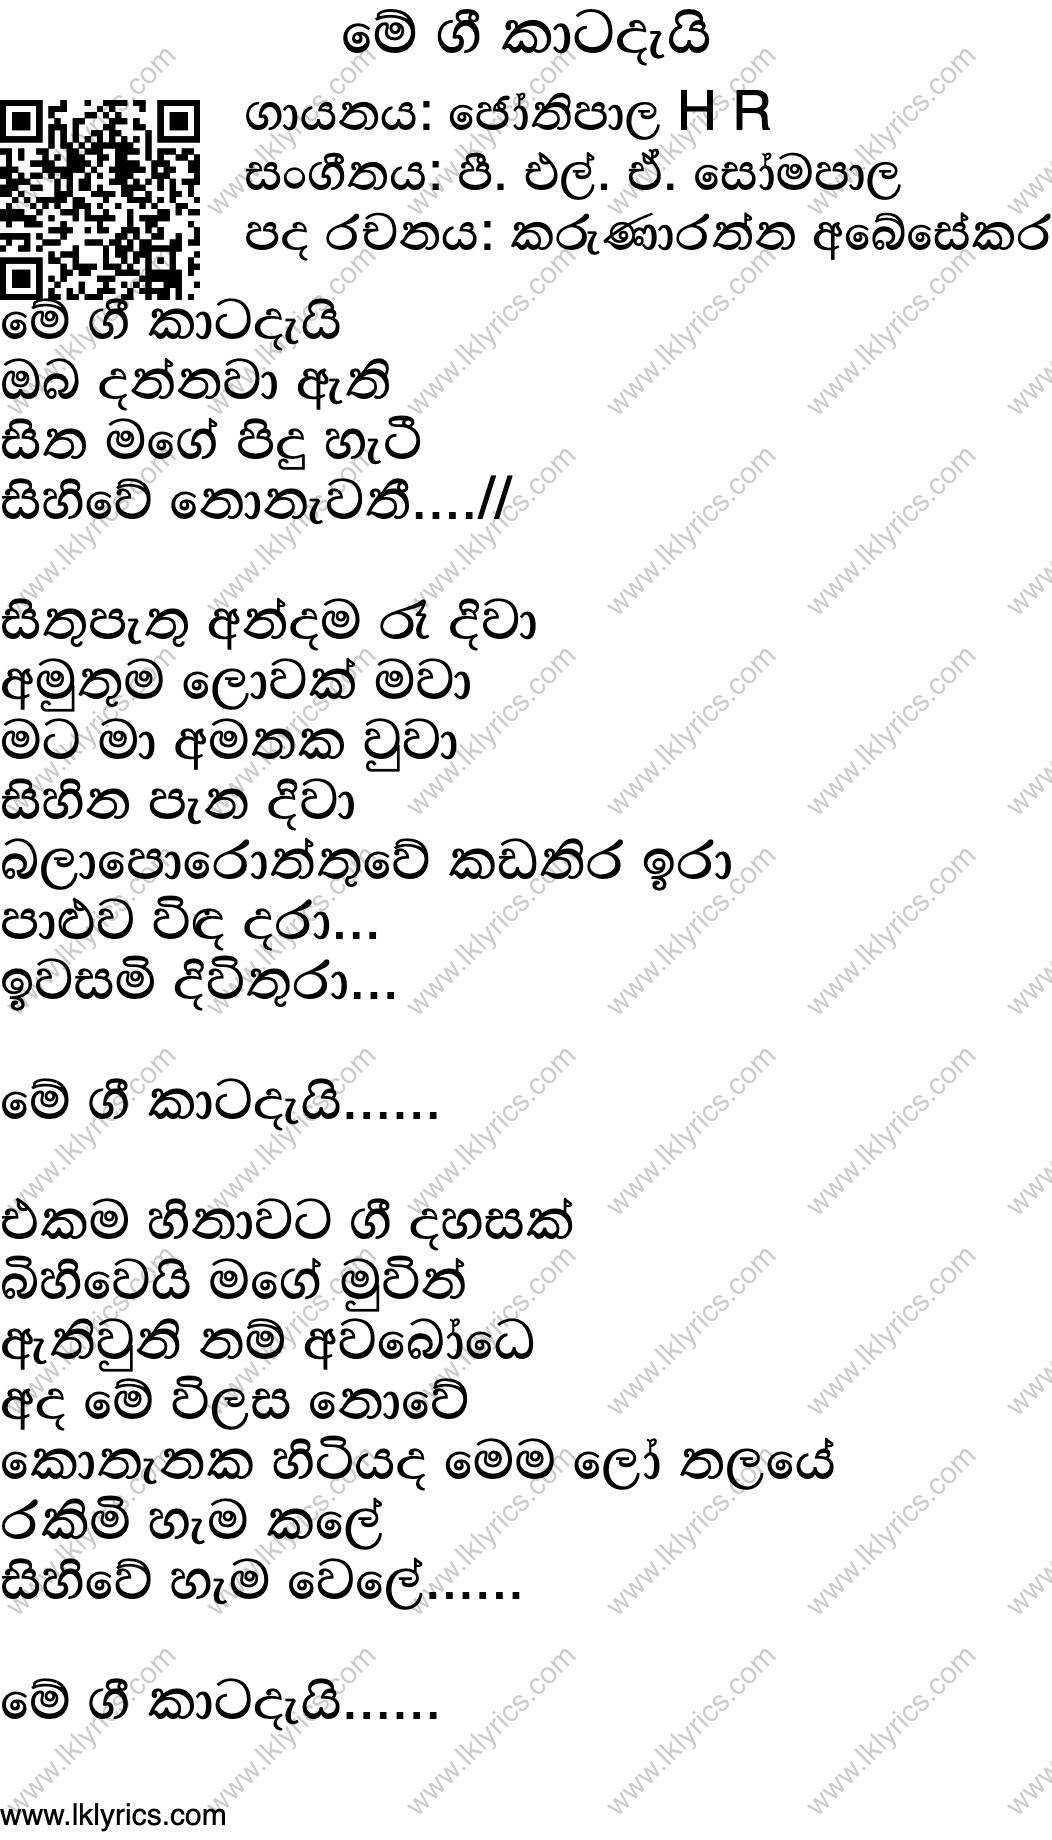 Me Gee Katadai Lyrics Lk Lyrics